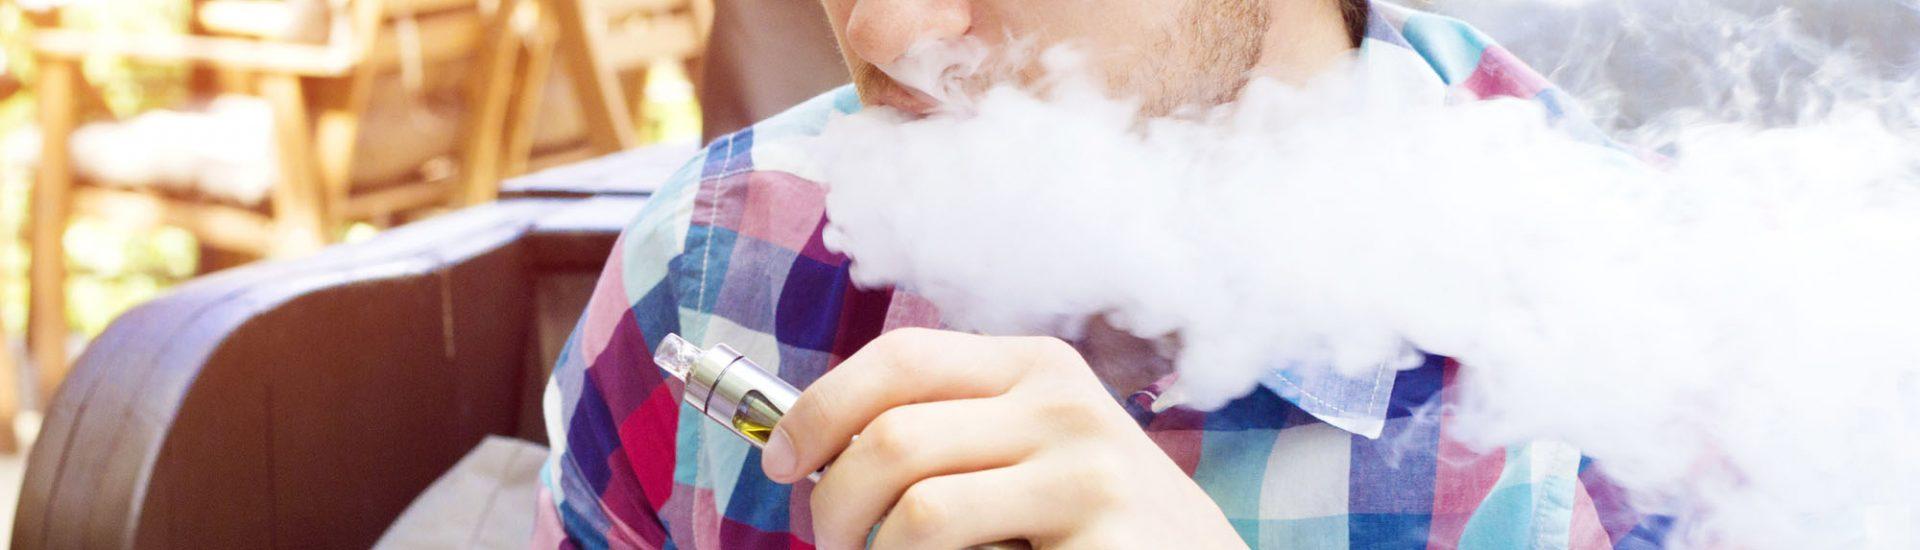 E-Zigarette rauchen: Richtige Zugtechnik, Zugwiderstand